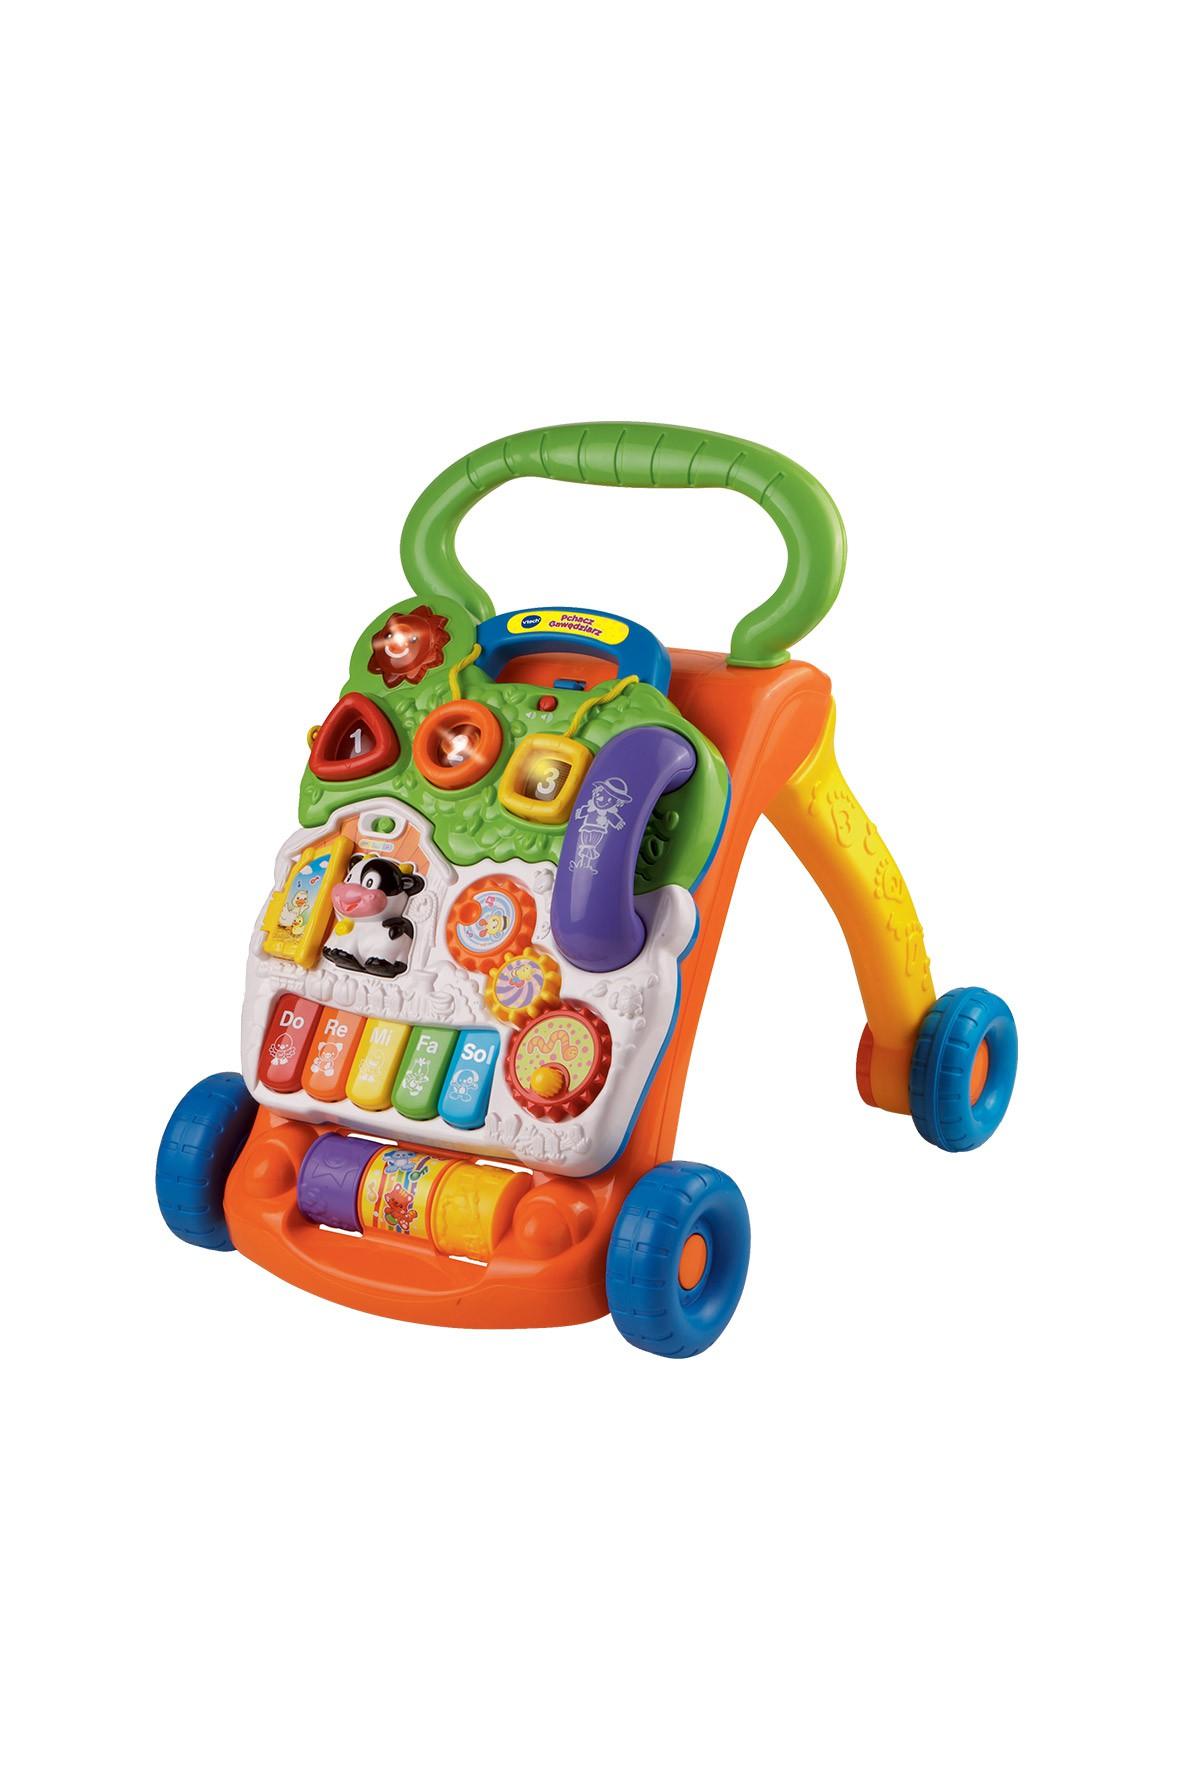 Pchacz gawędziarz-chodzik dla dziecka